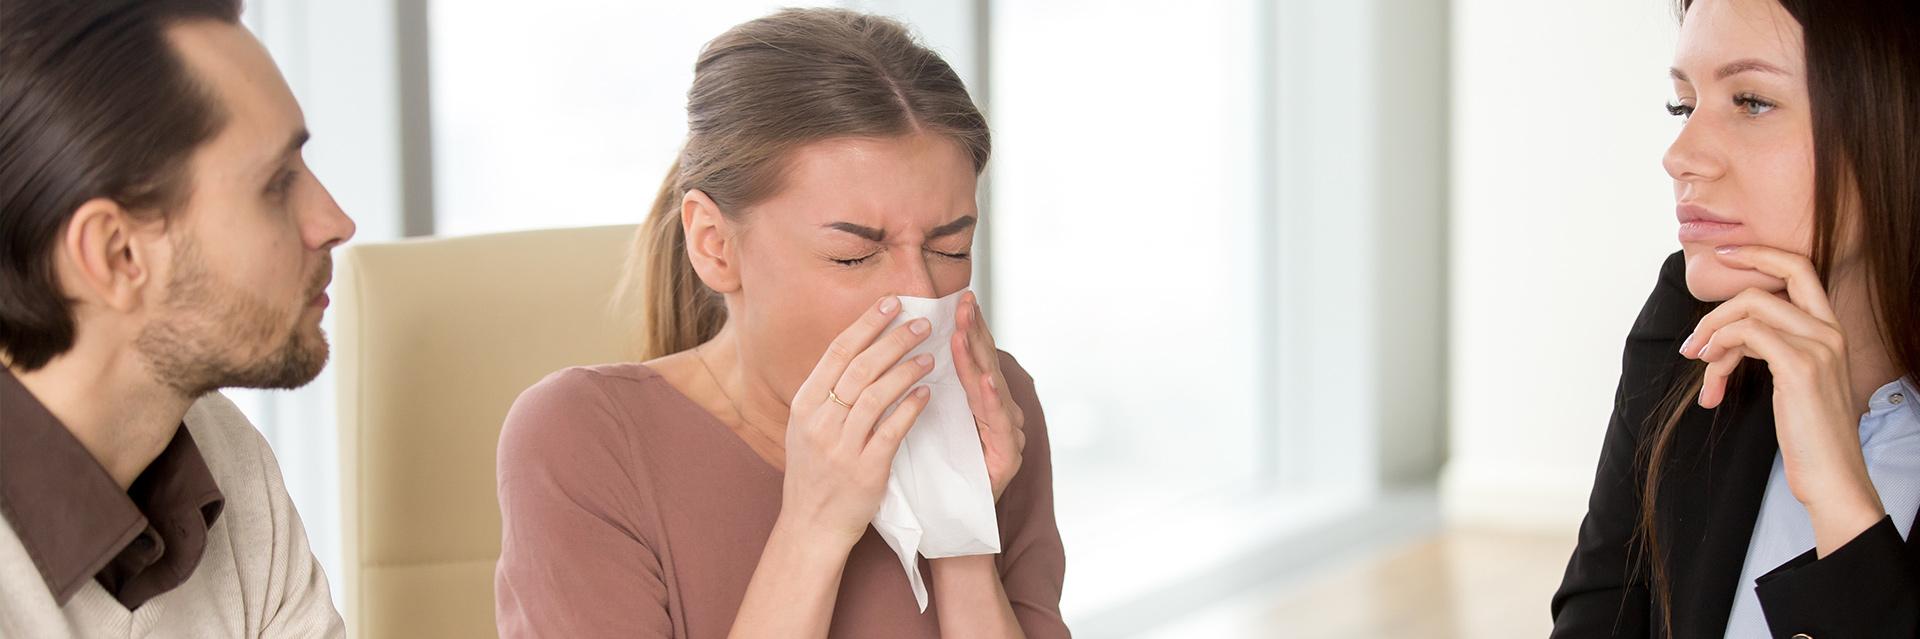 Jak rozprzestrzeniają się wirusy przeziębienia i grypy?